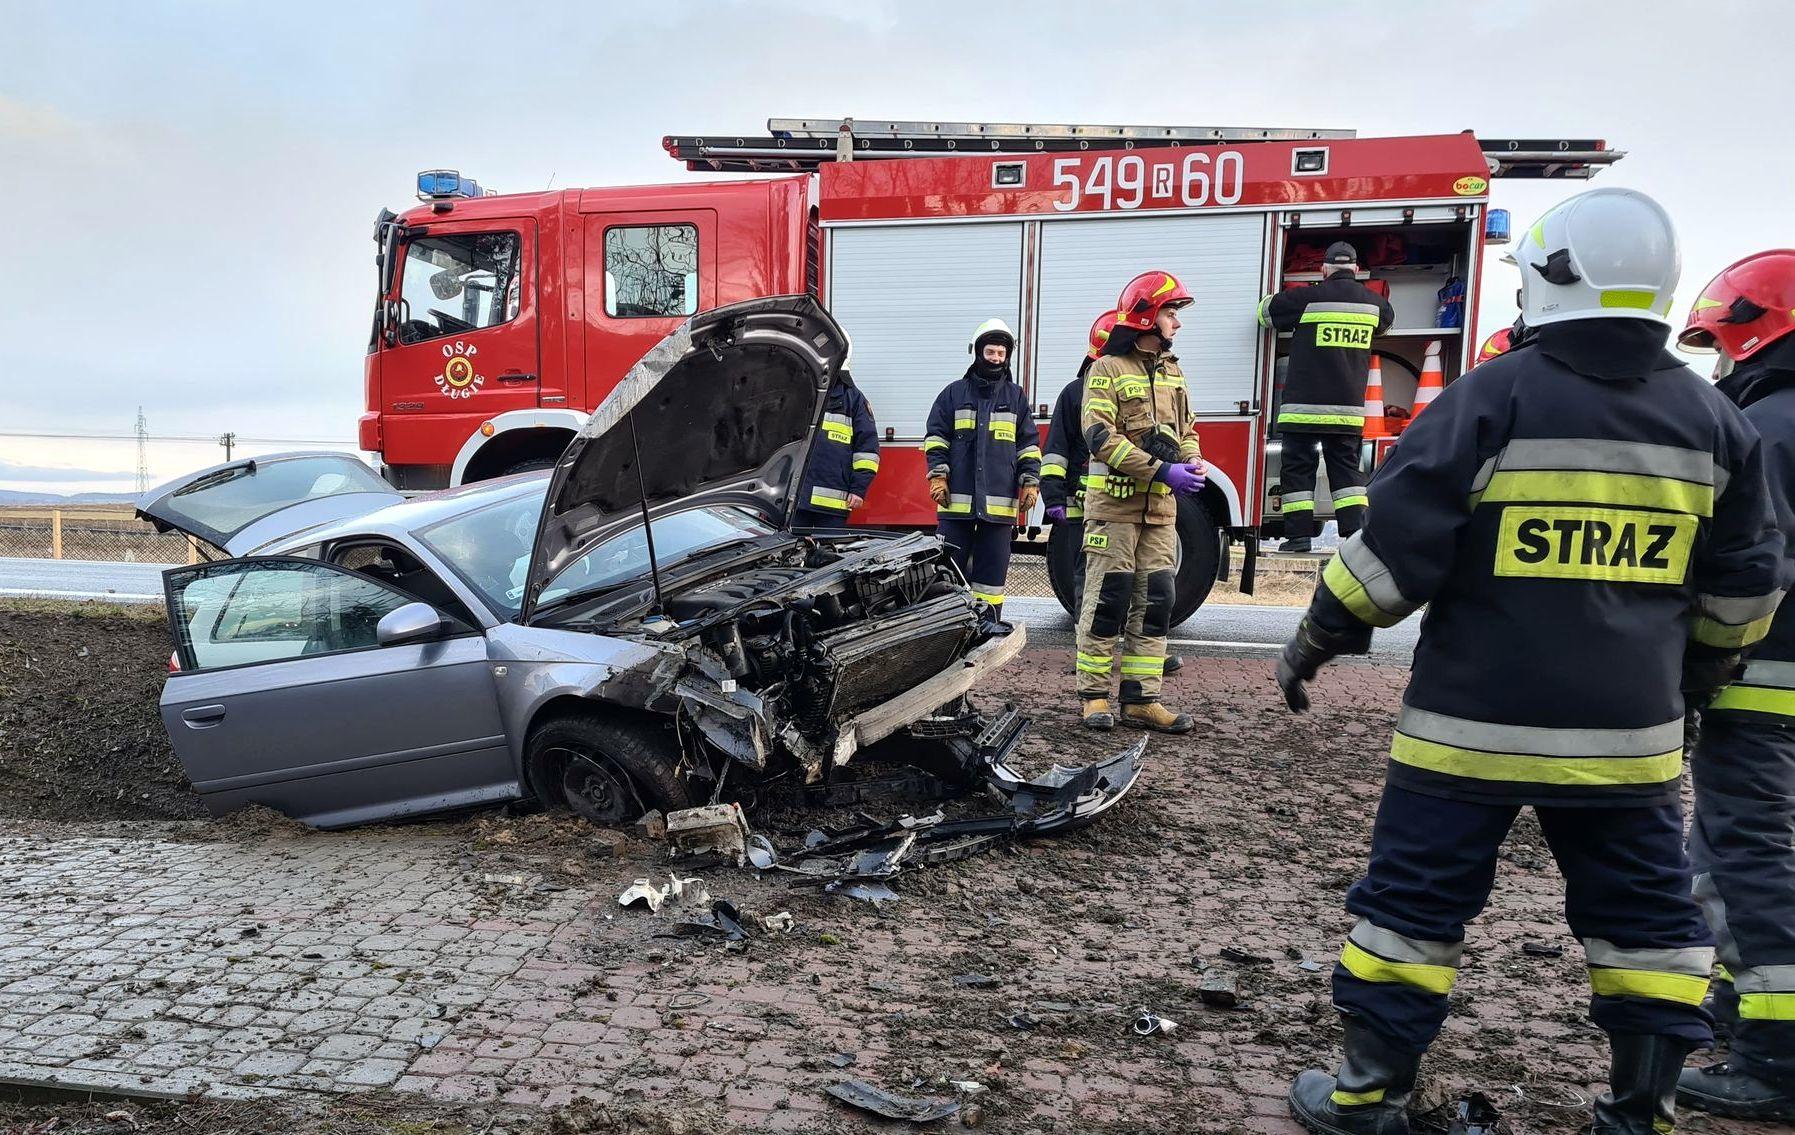 DŁUGIE: Samochód osobowy uderzył w betonowy przepust [FOTO+VIDEO] - Zdjęcie główne